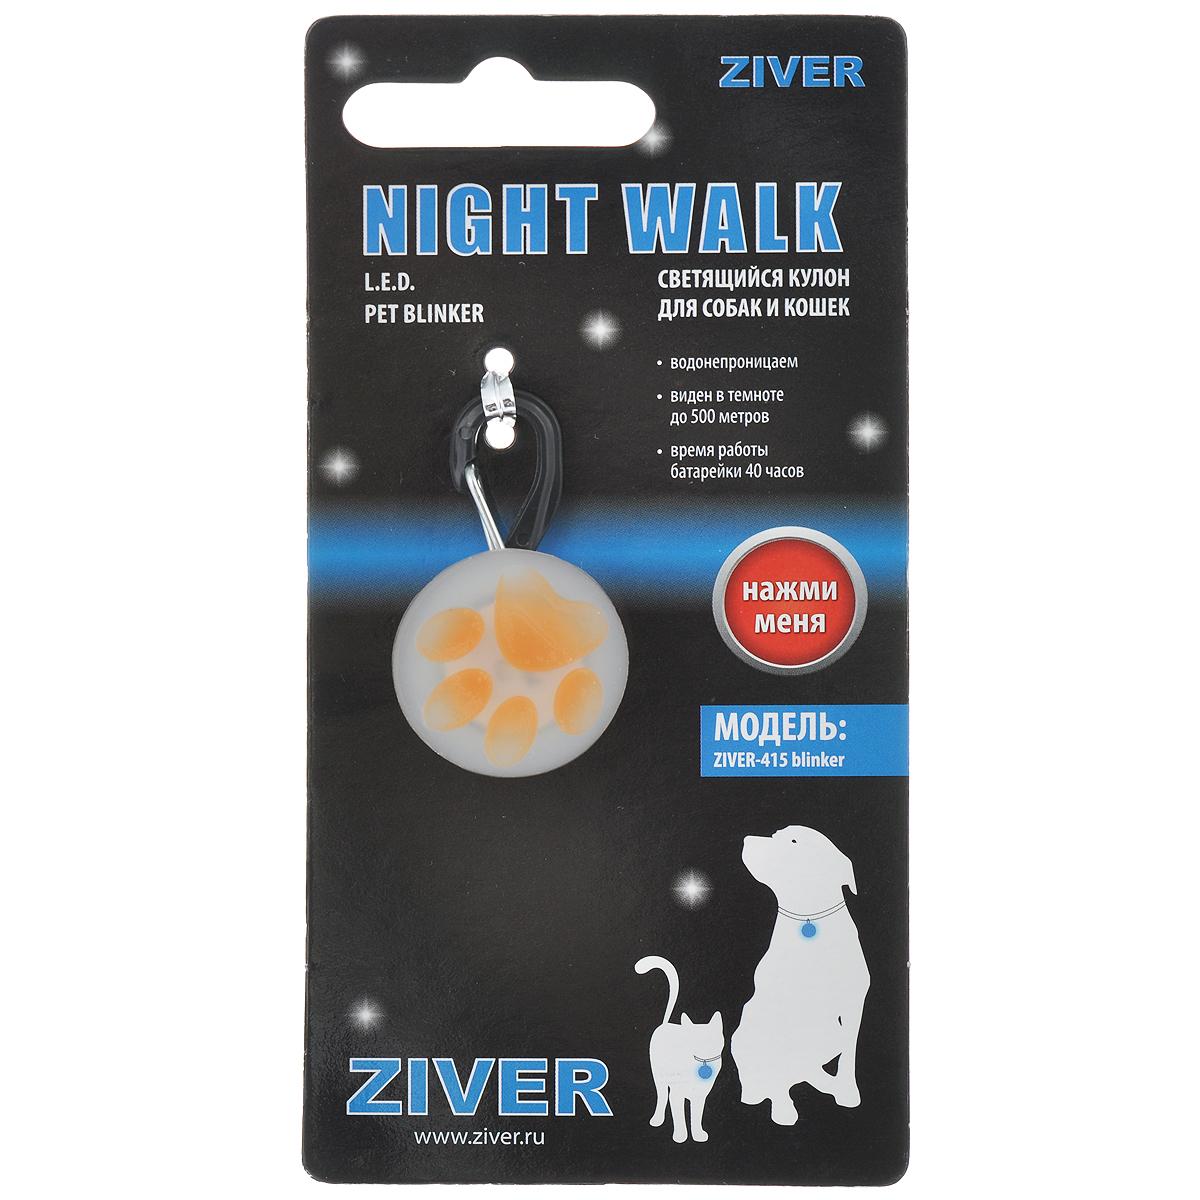 Кулон-блинкер Ziver-415 для кошек и собак, светящийся, цвет: оранжевый40.ZV.070Кулон-блинкер Ziver-415 выполнен из высококачественного пластика и металла в виде круглой подвески и декорирован рельефом в форме лапы. Это небольшой и легкий кулон обеспечит безопасность вашей кошке и собаке. Особенности: - один режим мигания, - в темное время виден на расстоянии до 500 метров, - удобный крепкий карабин для ошейника или шлейки, - маленький размер (подходит для всех пород собак), - работает от одной батарейки типа СR927 (входит в комплект), - 100% водонепроницаем (можно погружать в воду и нырять),- работает при температуре от 15°C до 30°C.